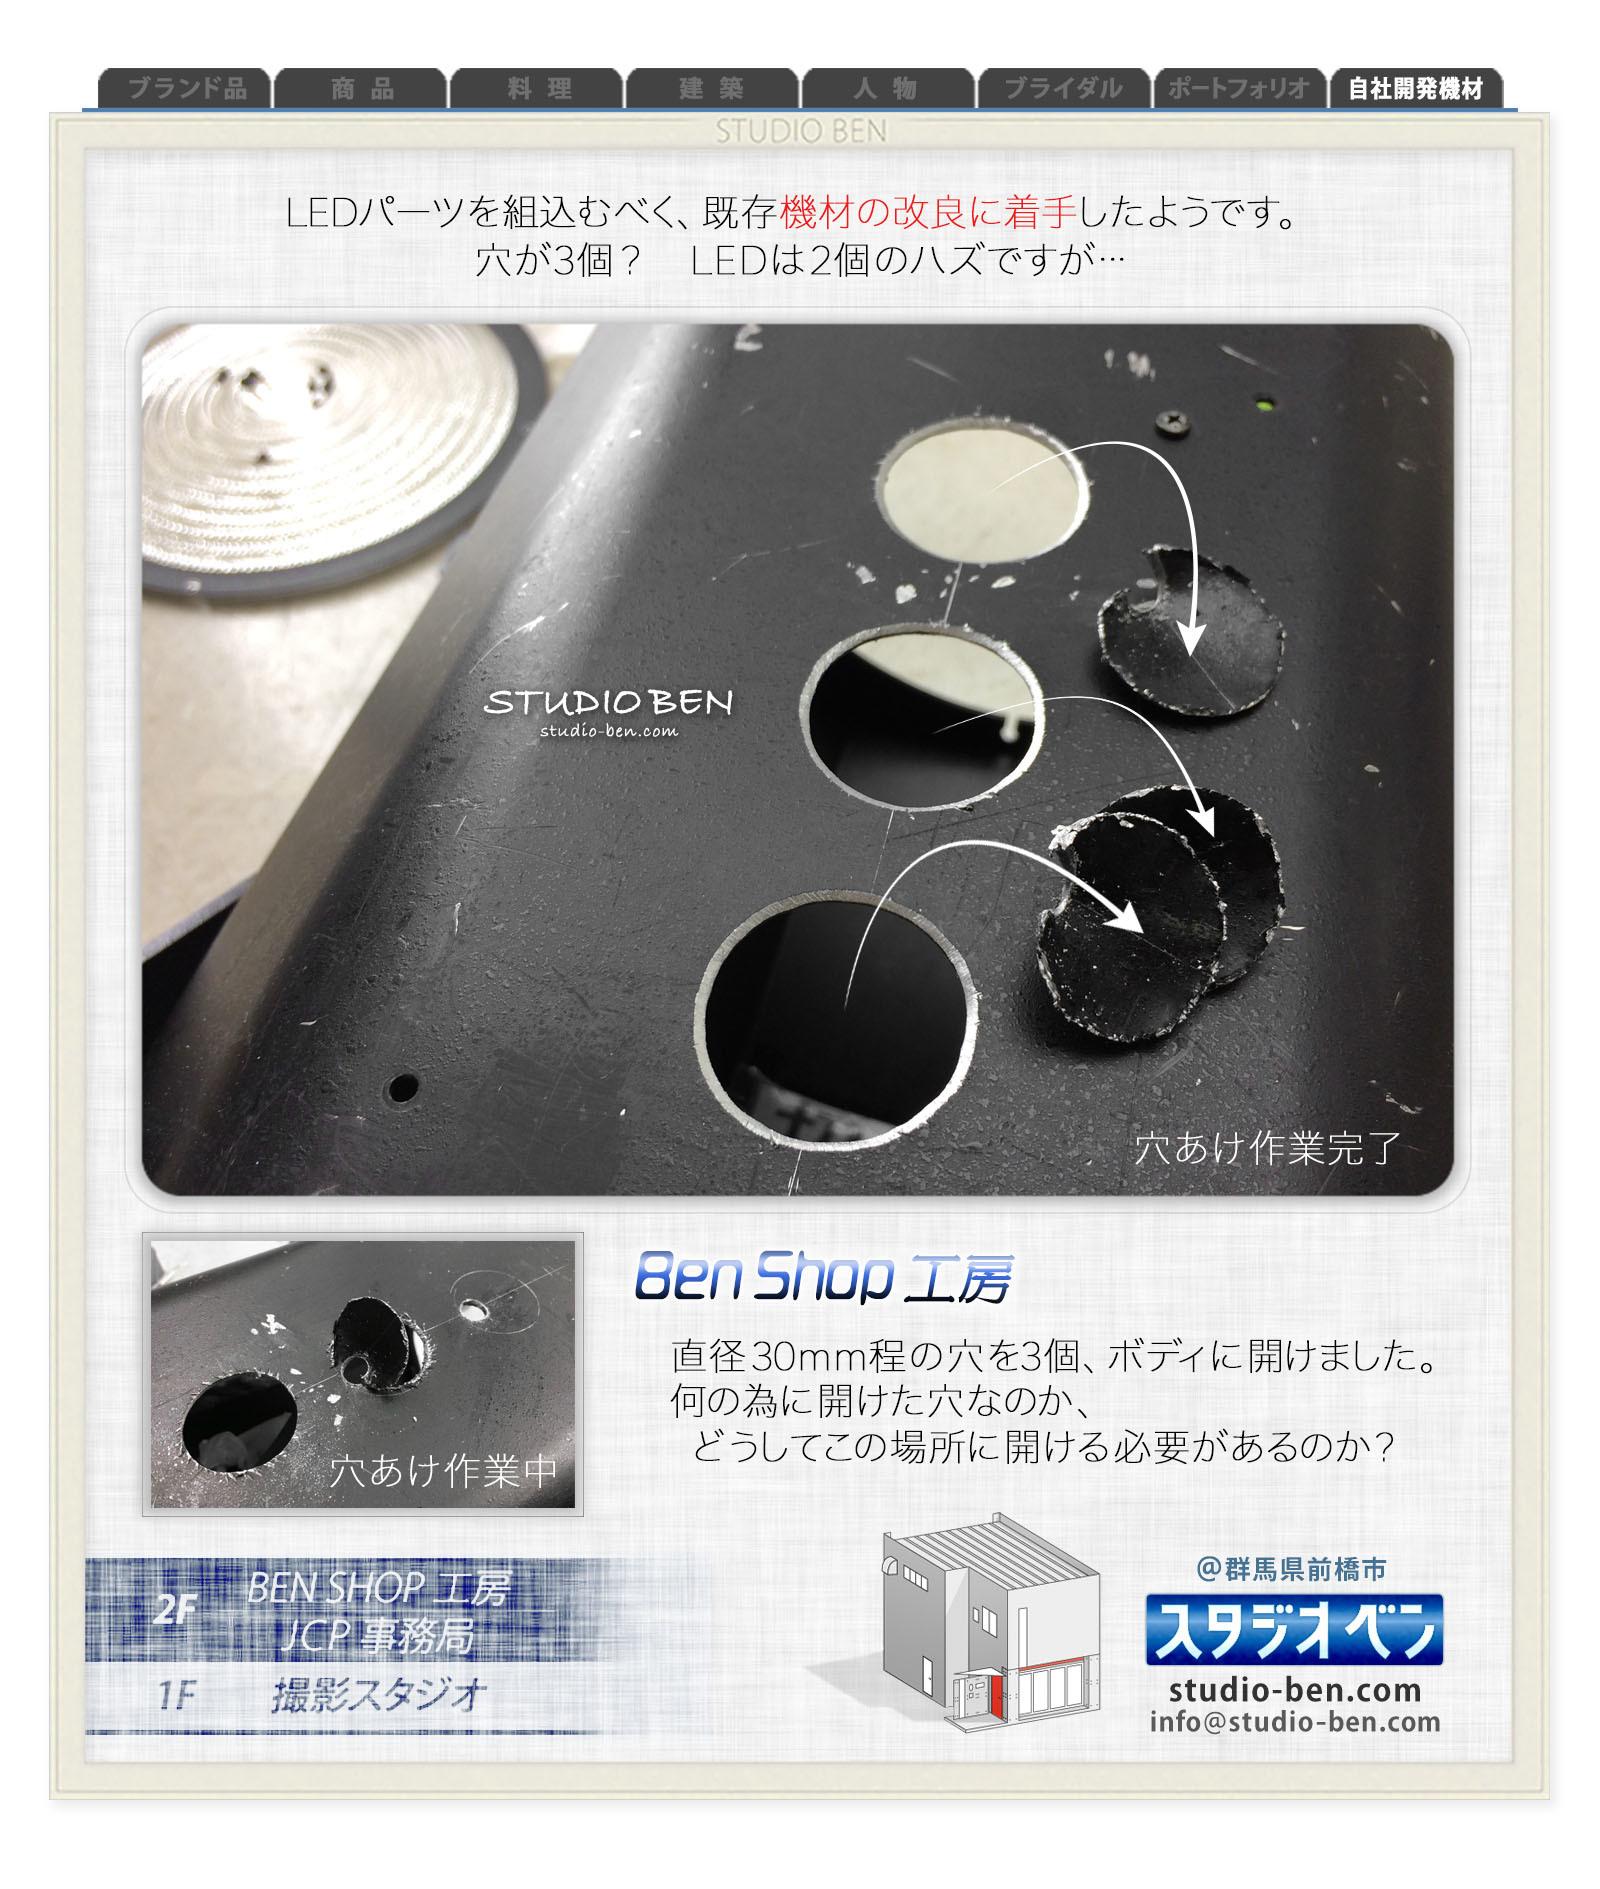 LED照明機材の改良 - No.③ / あなたの予測は当たらない!_c0210599_02073364.jpg